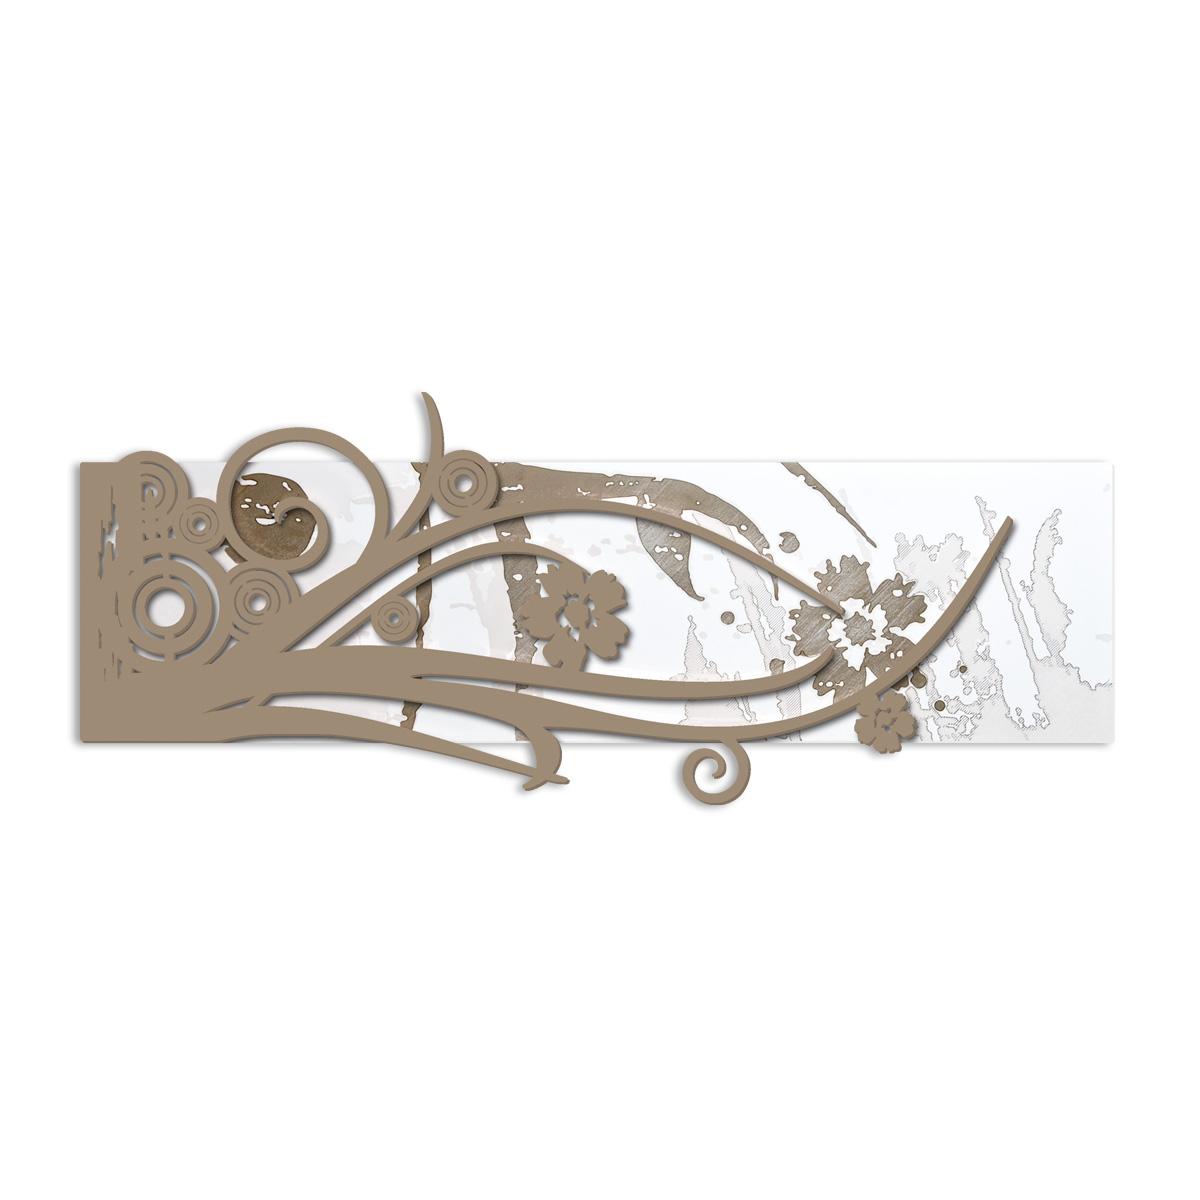 L:A:S - Laser Art Style - QUADRO – SCULTURA DA PARETE SI-106 BIANCO-NOCCIOLA-INCISIONE LEGNO